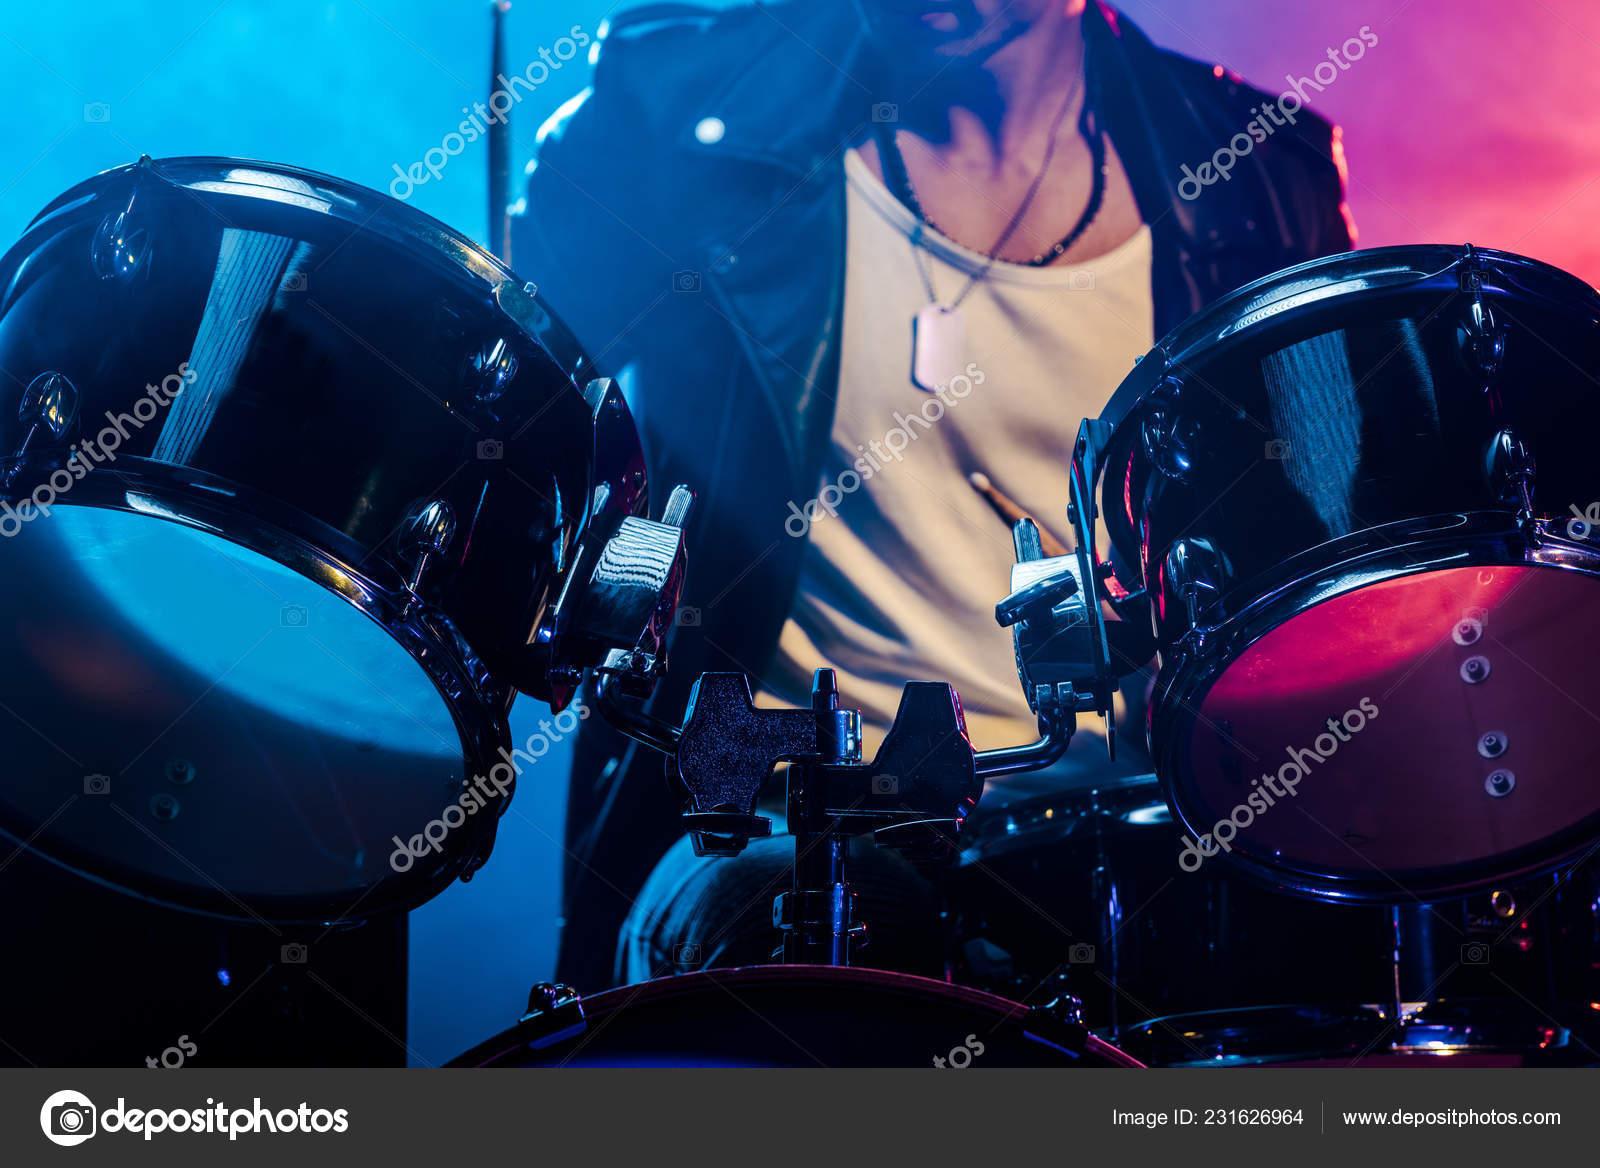 Ritagliata colpo batteria maschio musicista durante concerto rock